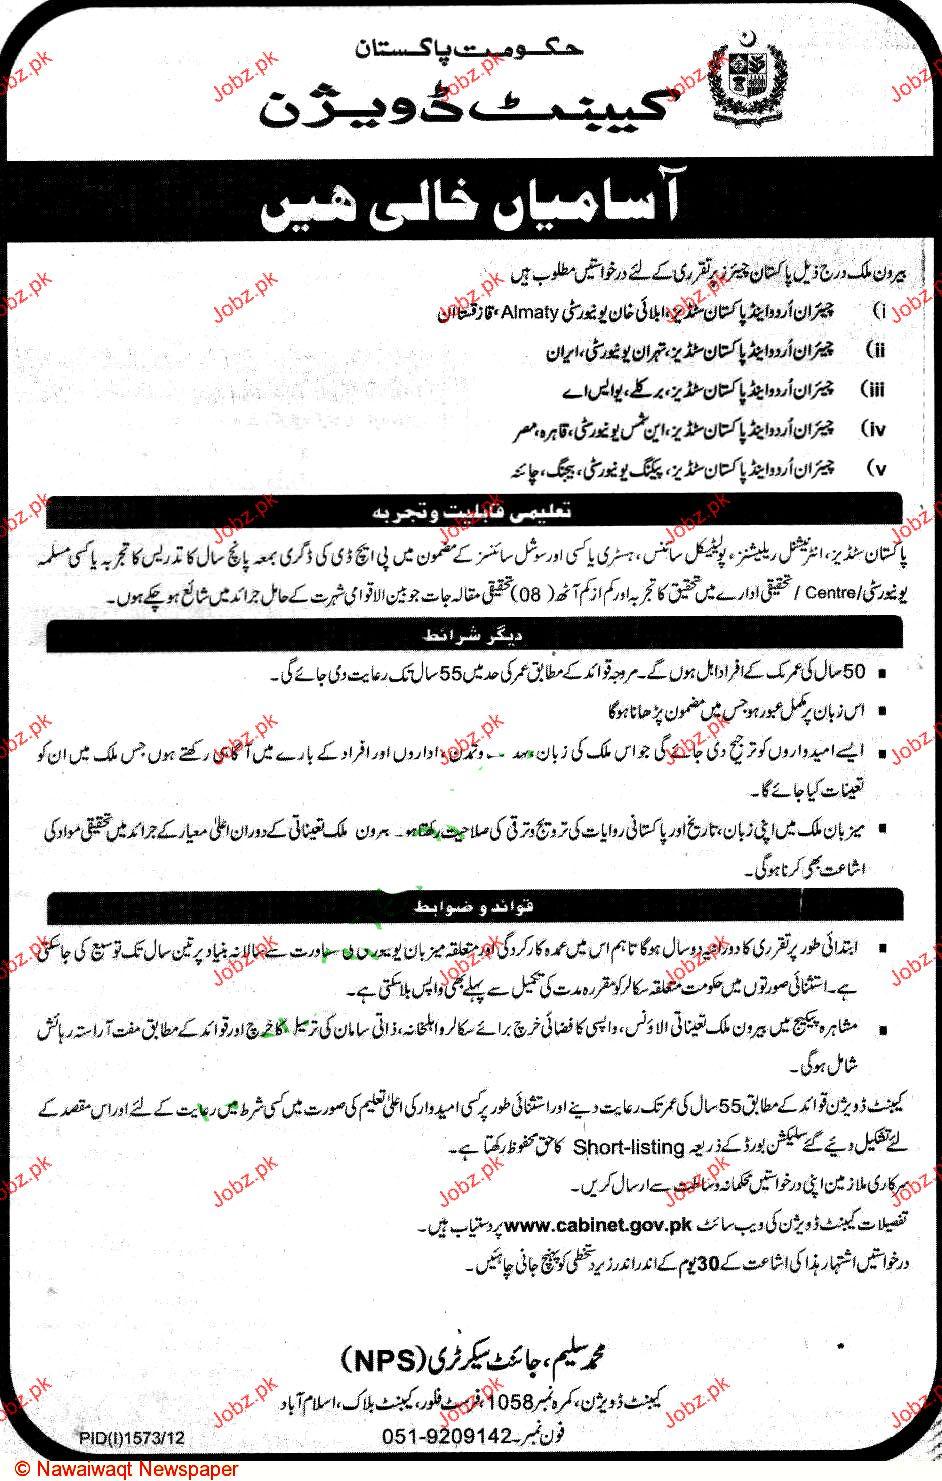 Chairs in Urdu Job Opportunity